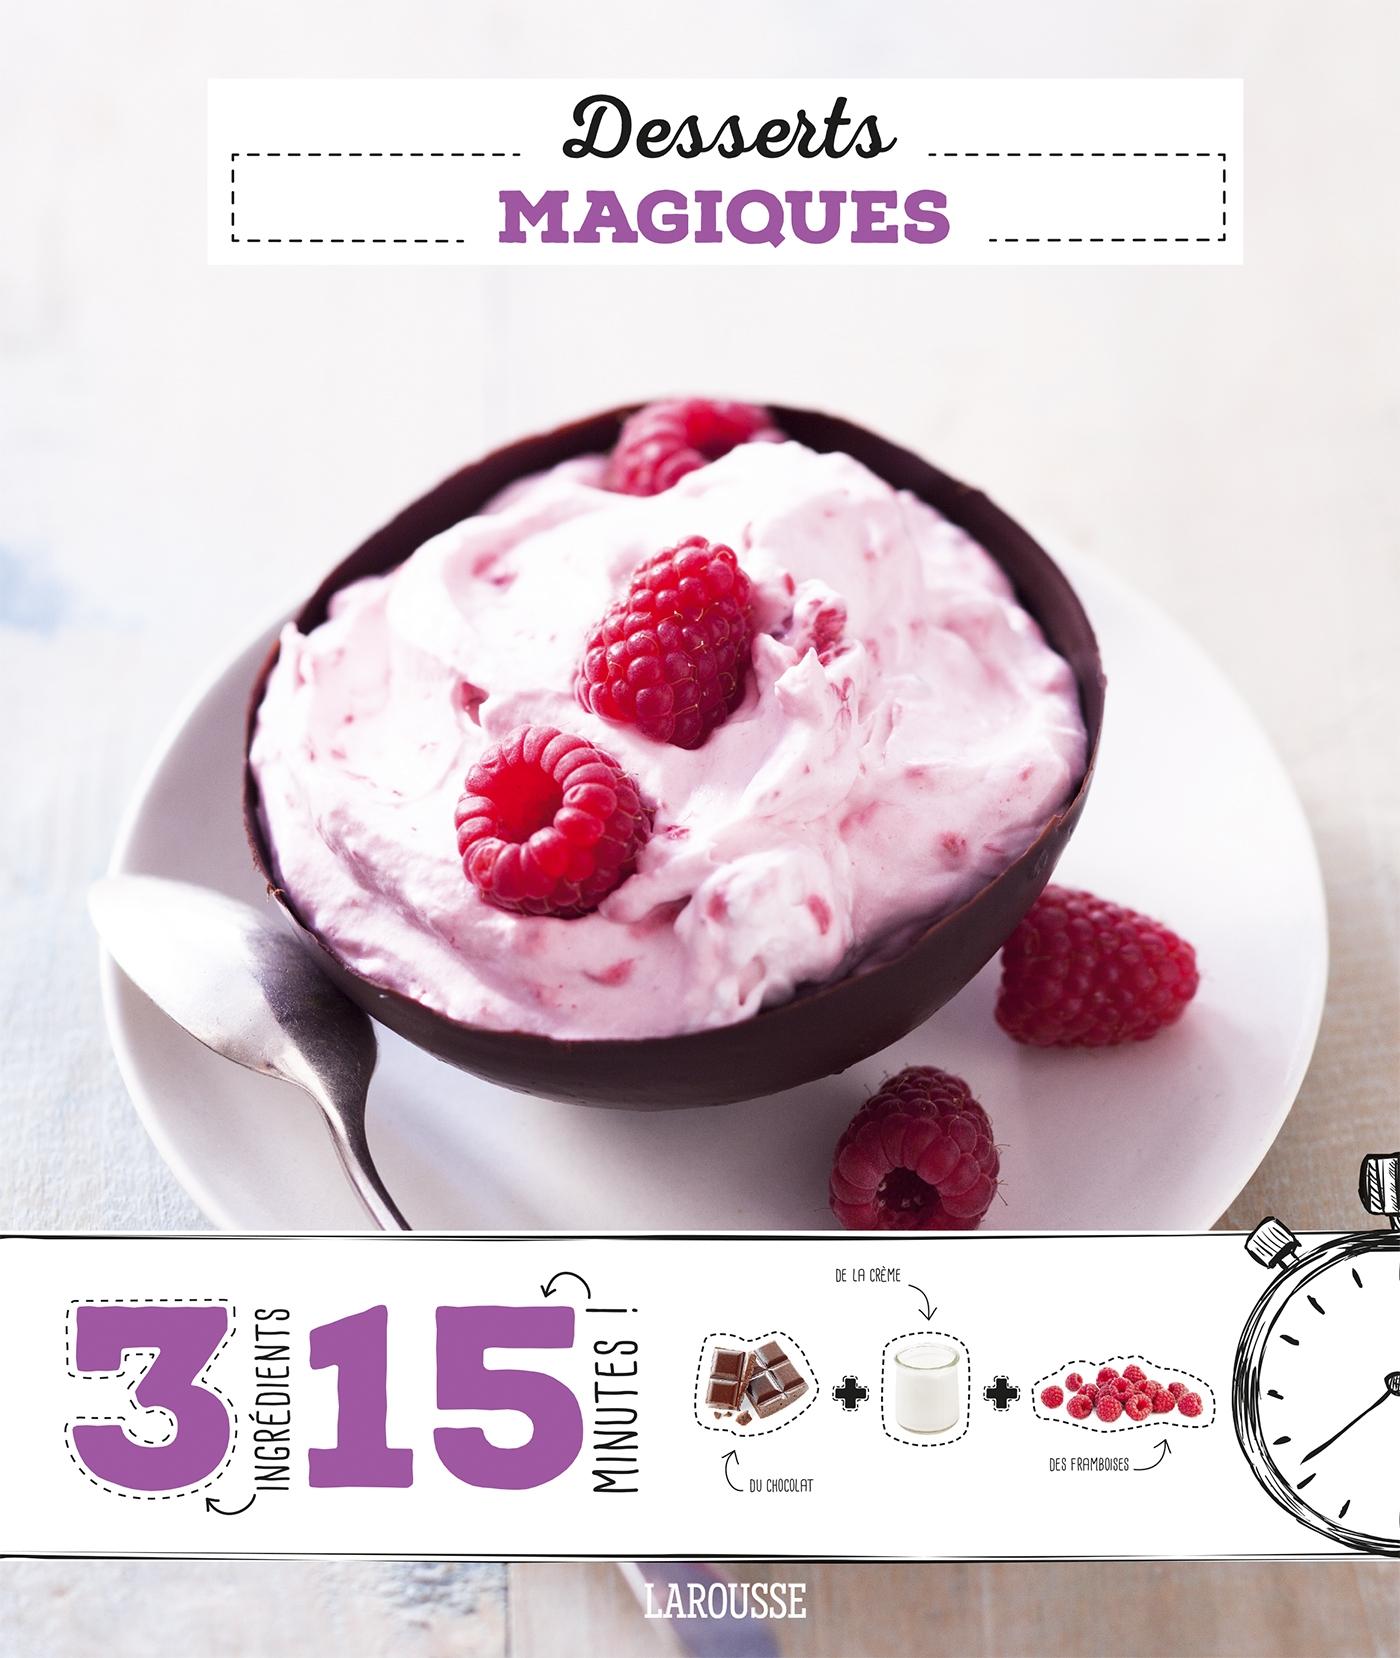 Desserts magiques : 3 ingrédients, 15 minutes